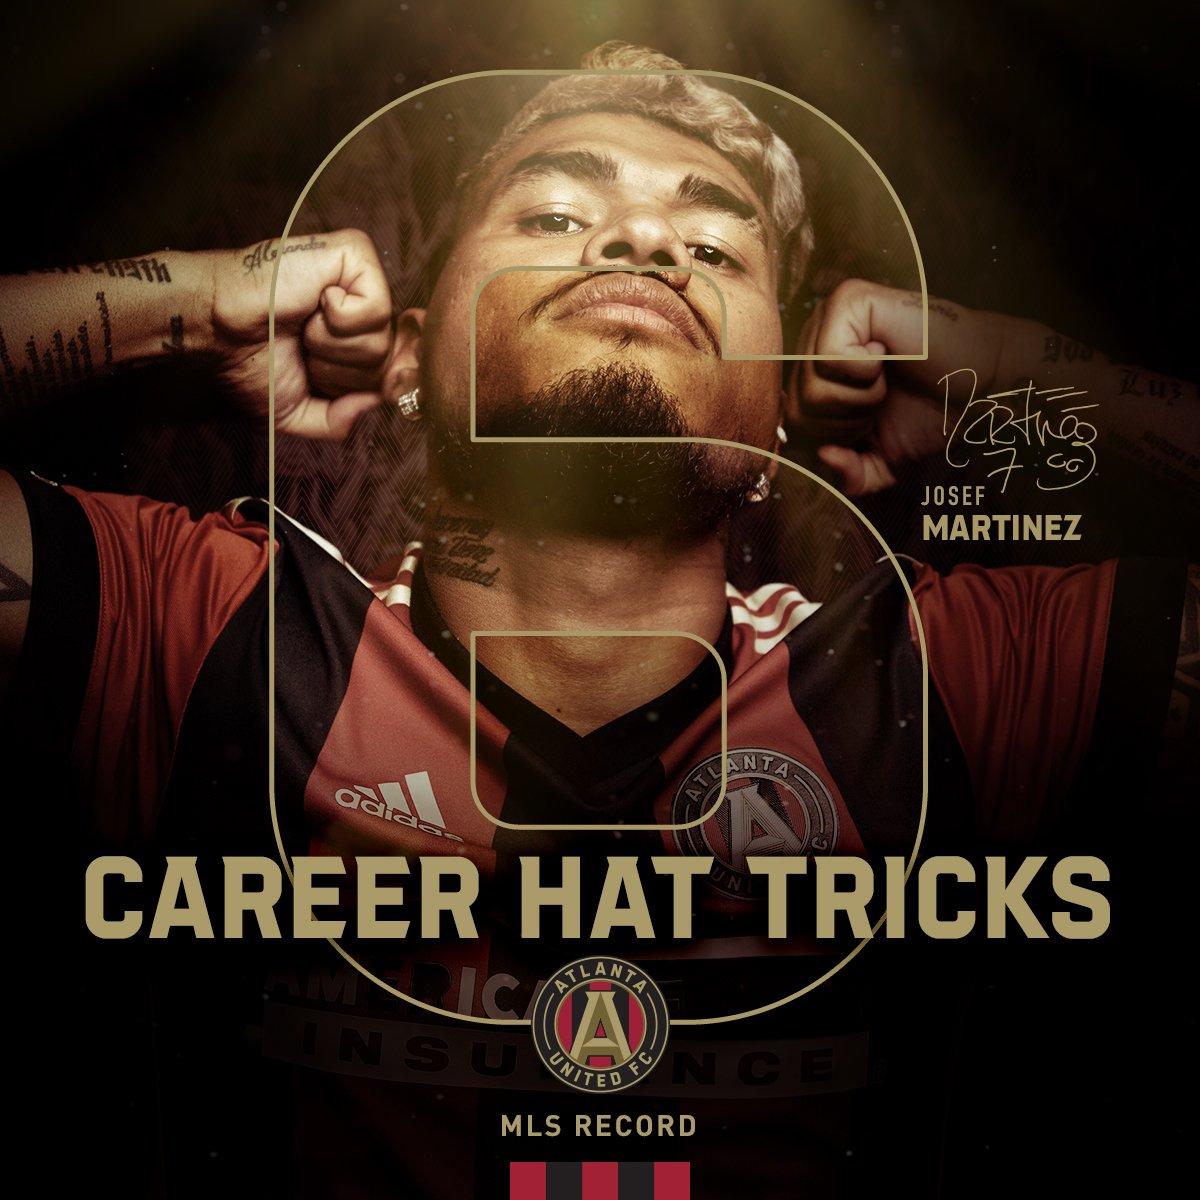 RT @ATLUTD: The hat-trick king 👑  @JosefMartinez17 sets the all-time @MLS record https://t.co/2kKViHsR2p